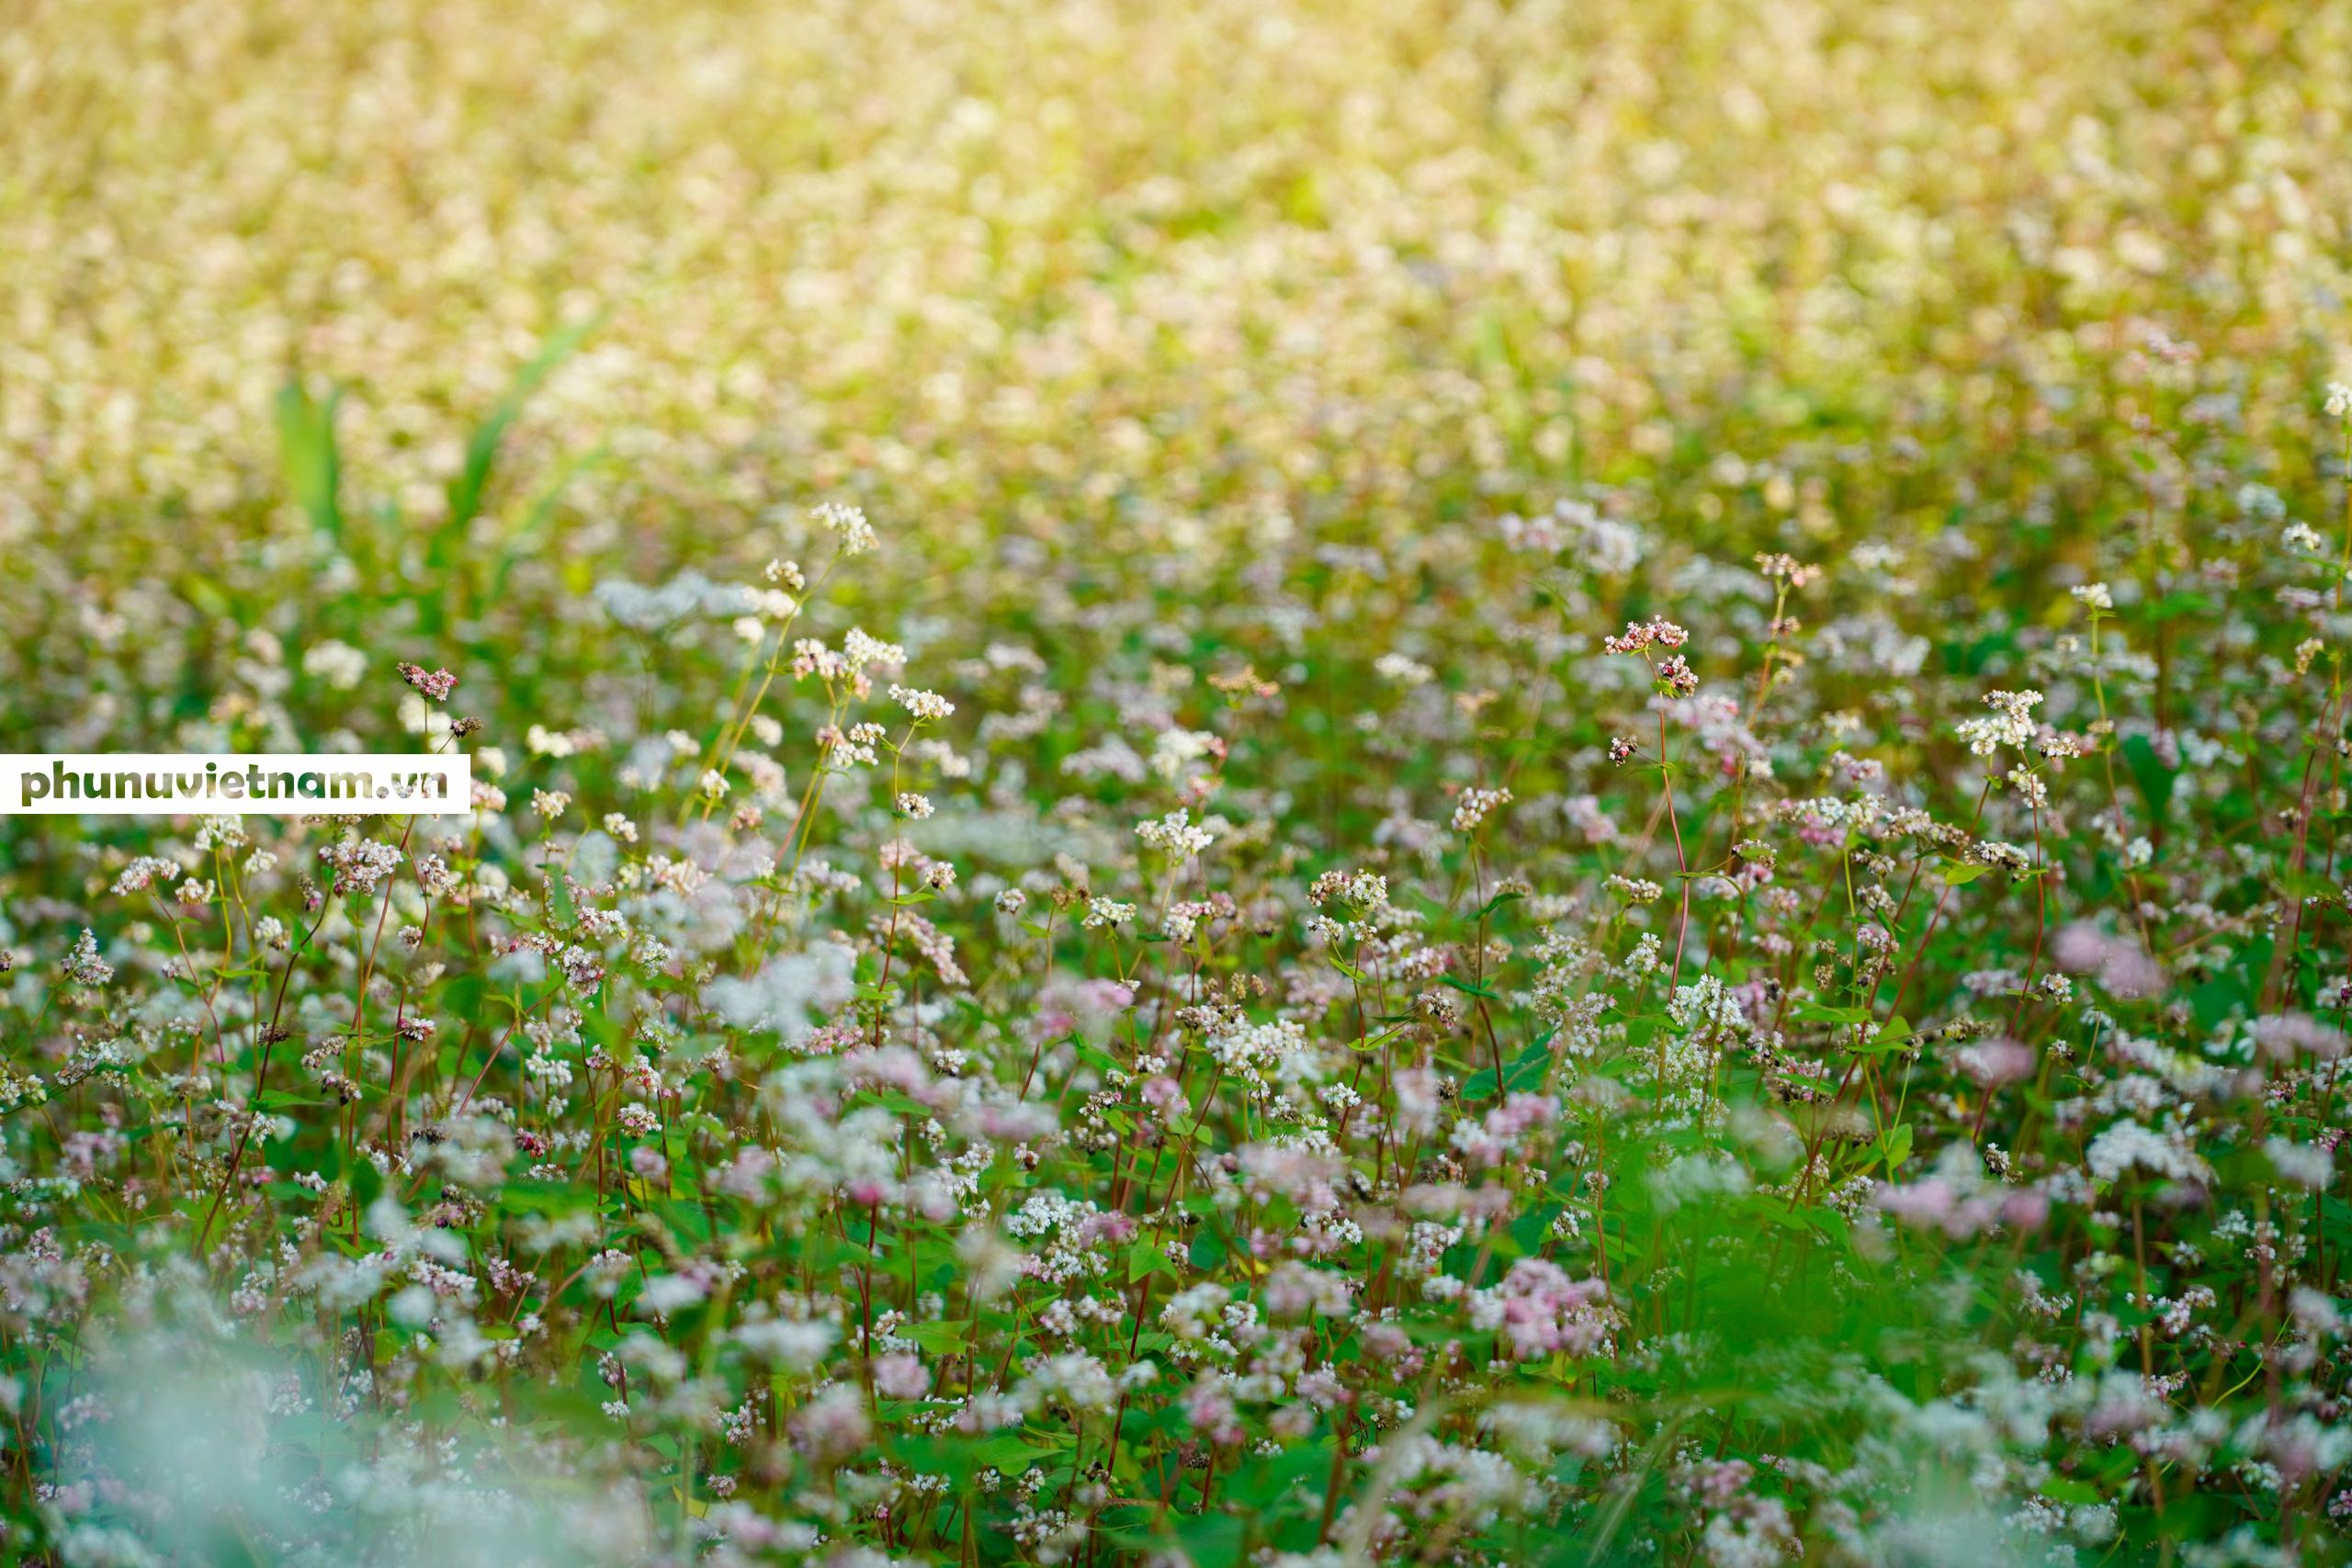 Mùa hoa tam giác mạch đong đầy nỗi nhớ trên Cao nguyên đá Hà Giang - Ảnh 10.